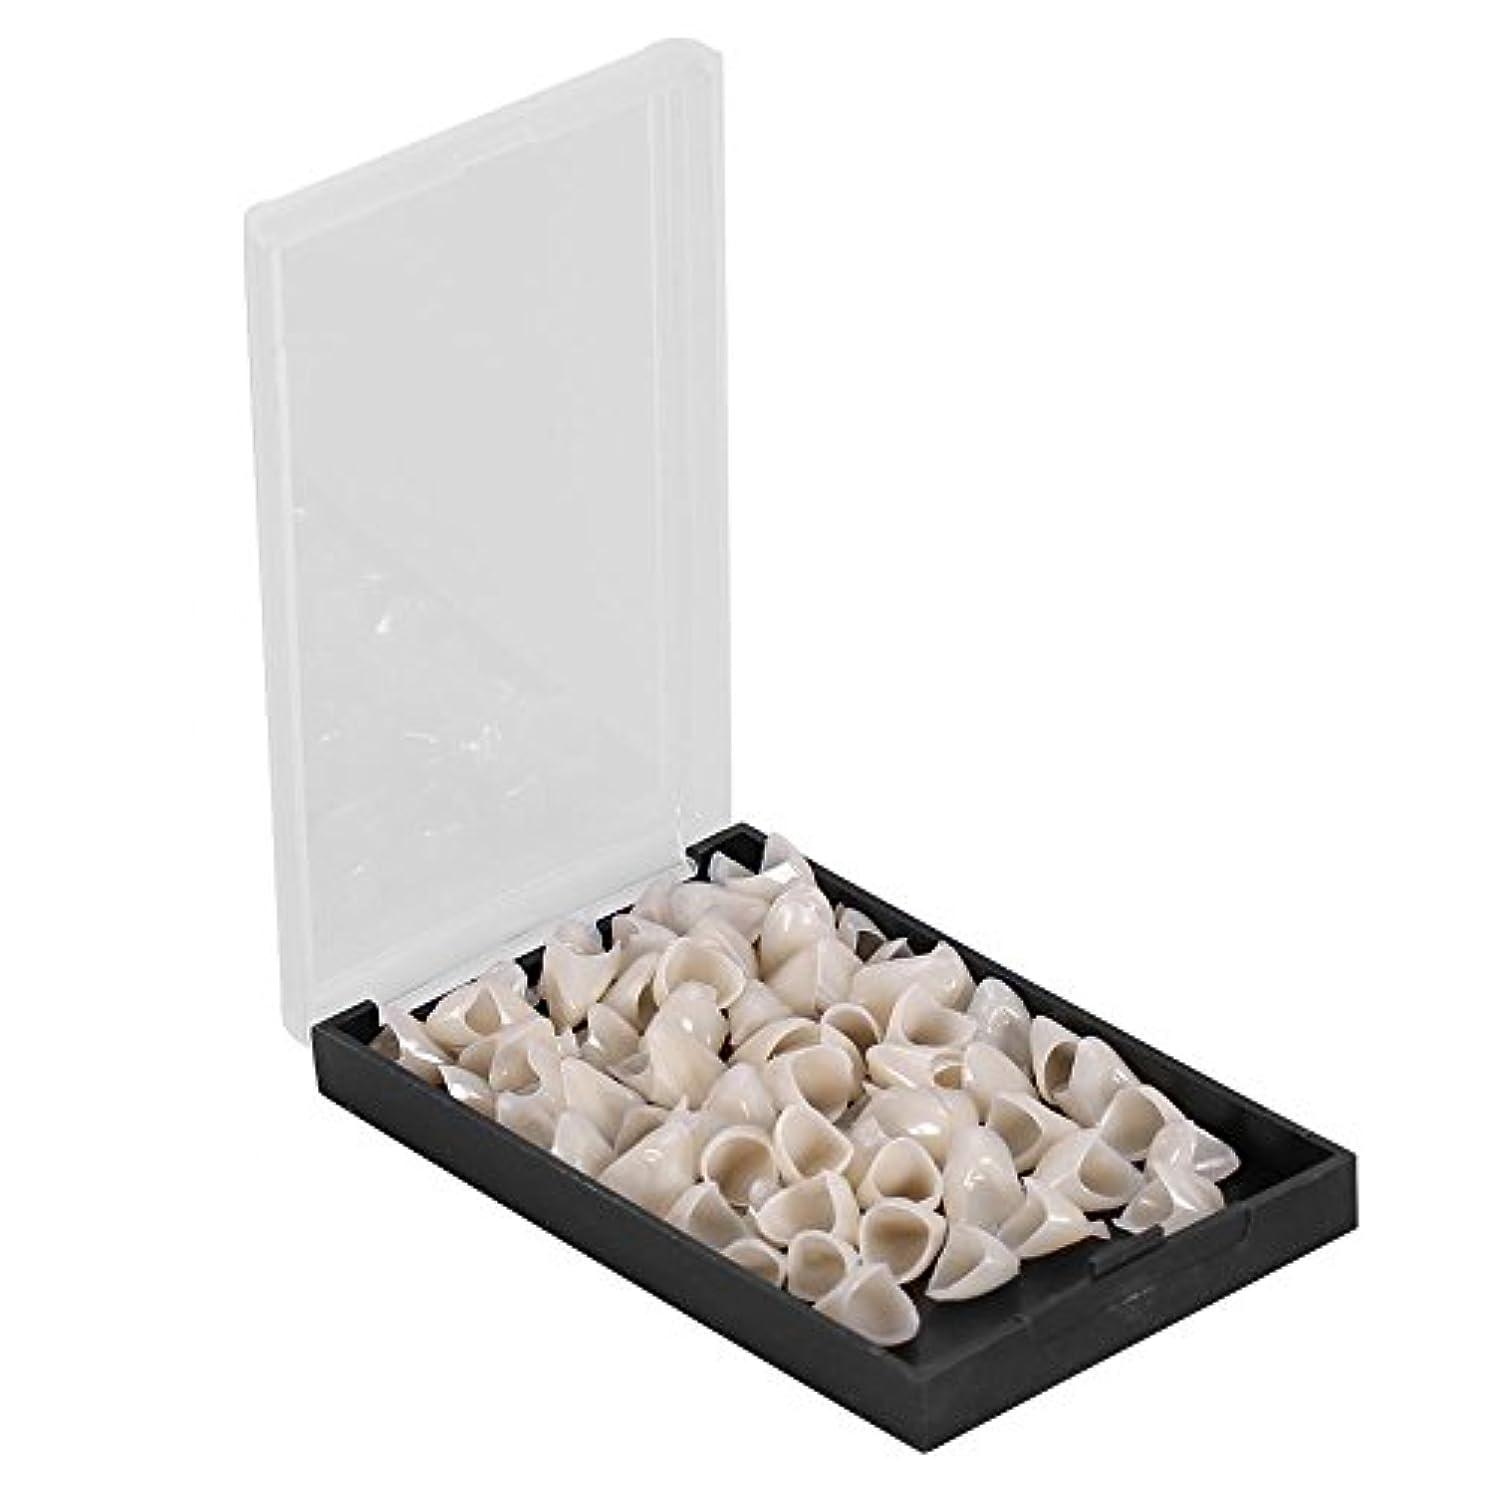 メンバー阻害するかんたんテンポラリークラウン - Delaman 樹脂、歯科用、1箱(50個)、前後/後歯 (Style : Anterior)